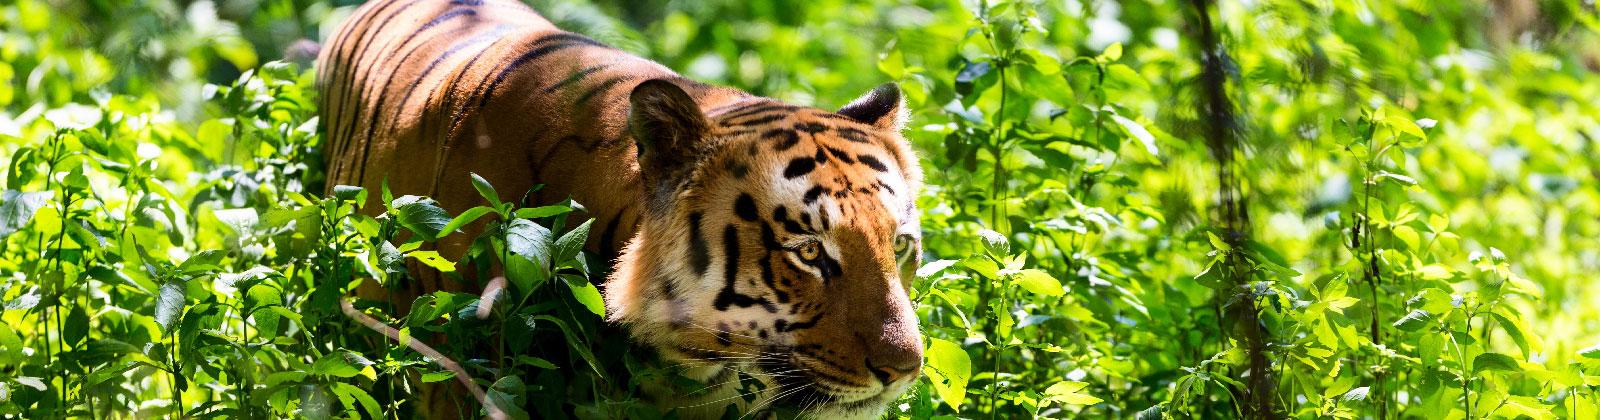 wildlife-corbett-tiger